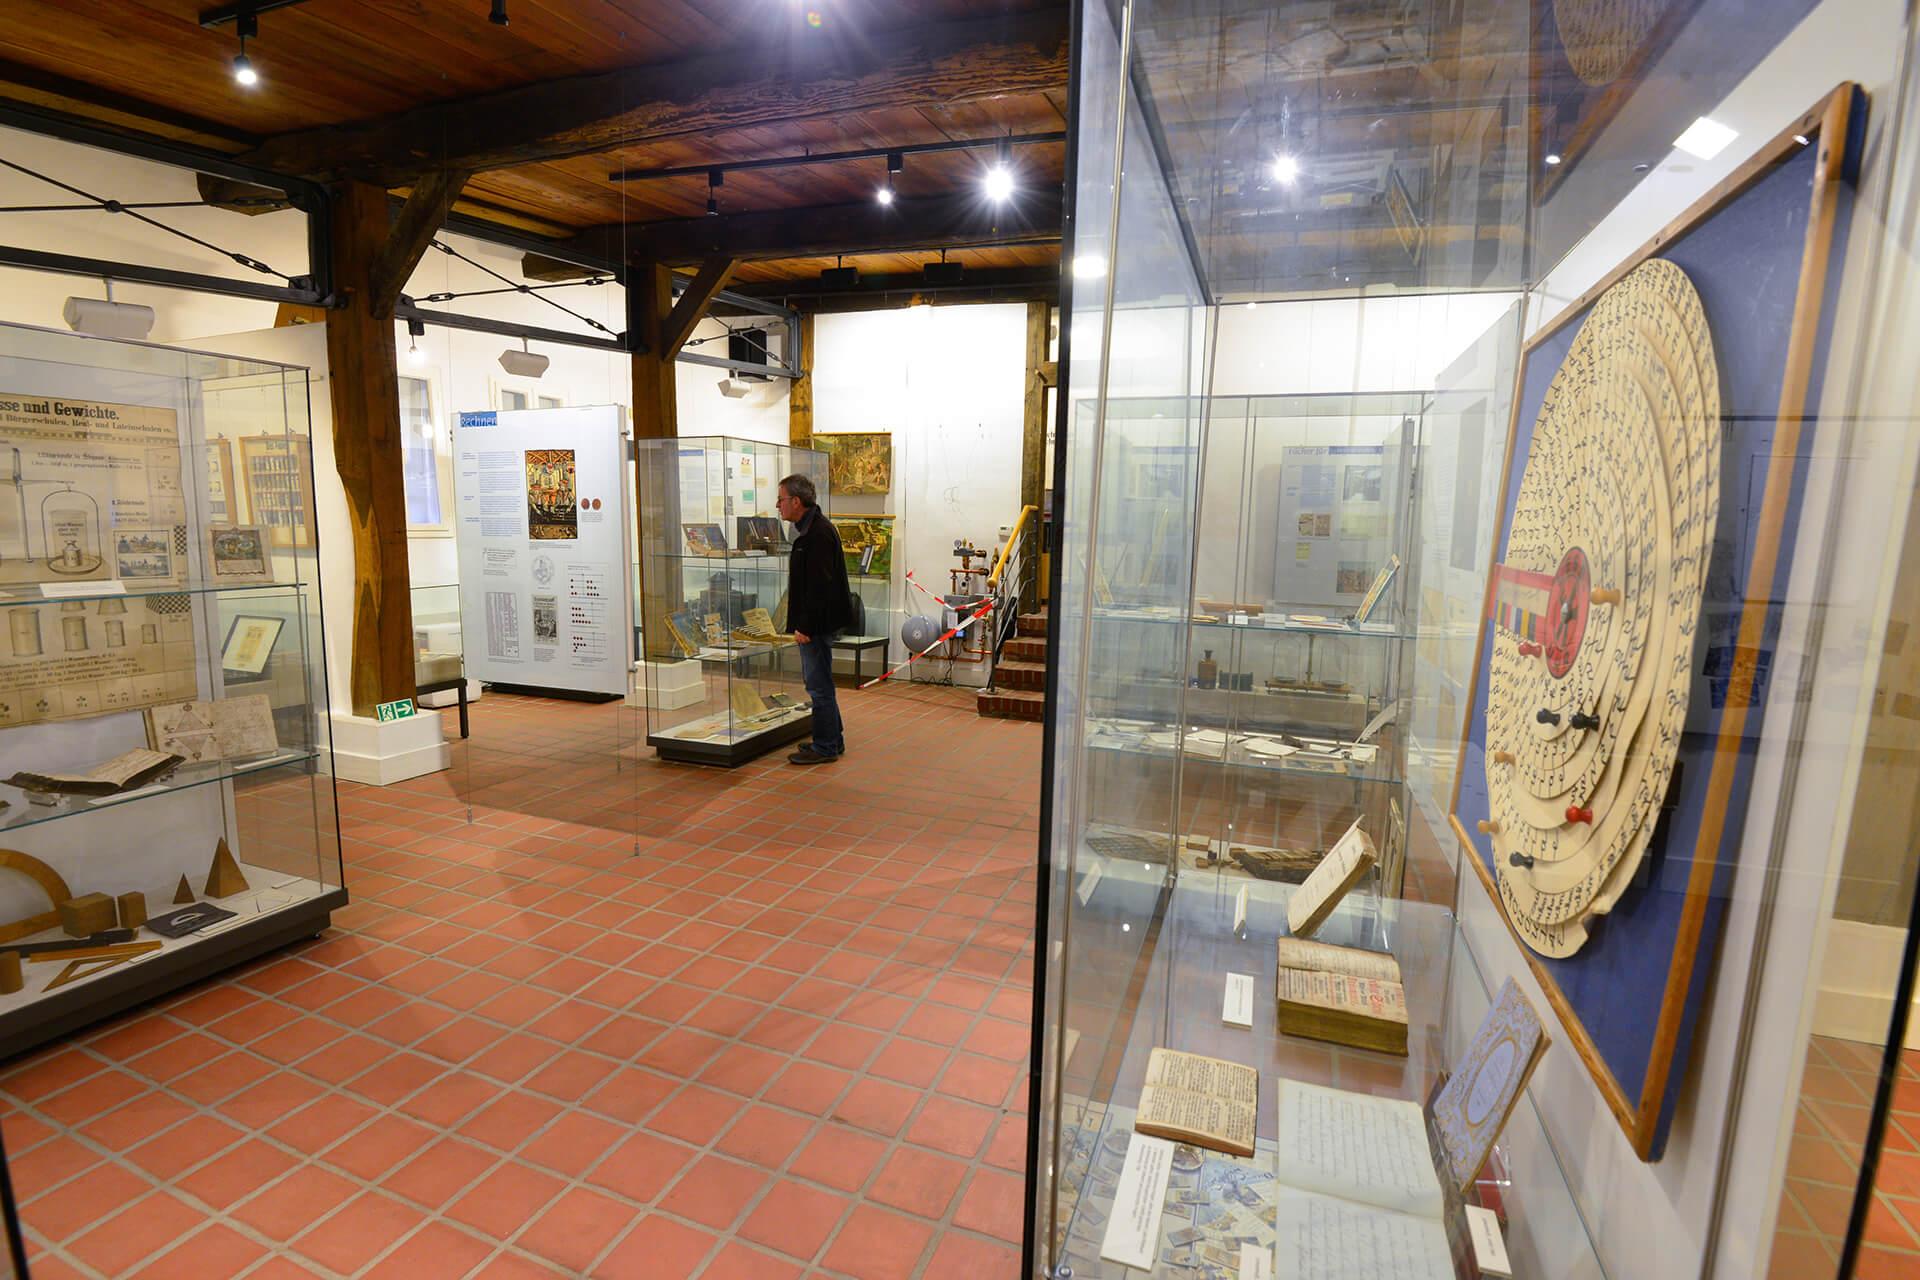 Blick eines Gastes in die Vitrine im Schulmuseum Steinhorst